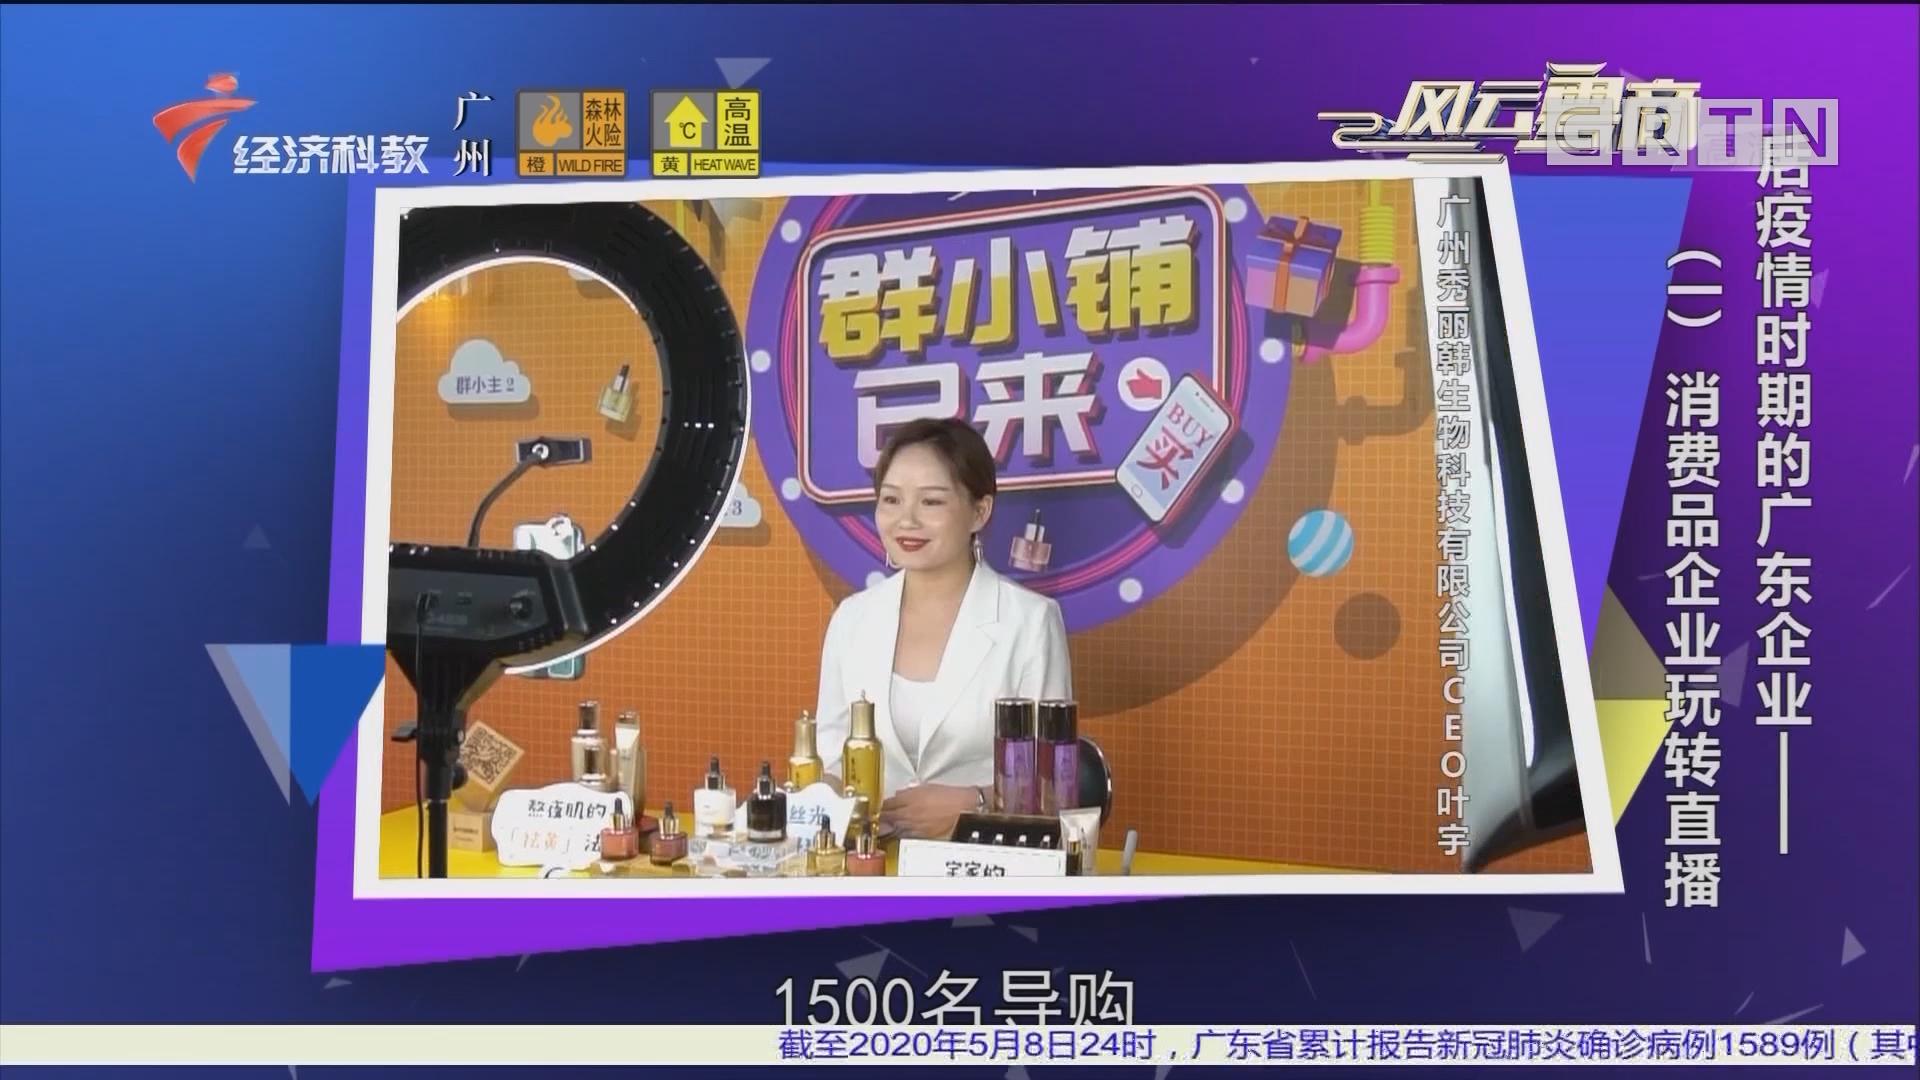 [HD][2020-05-09]风云粤商:后疫情时期的广东企业——(一)消费品企业玩转直播